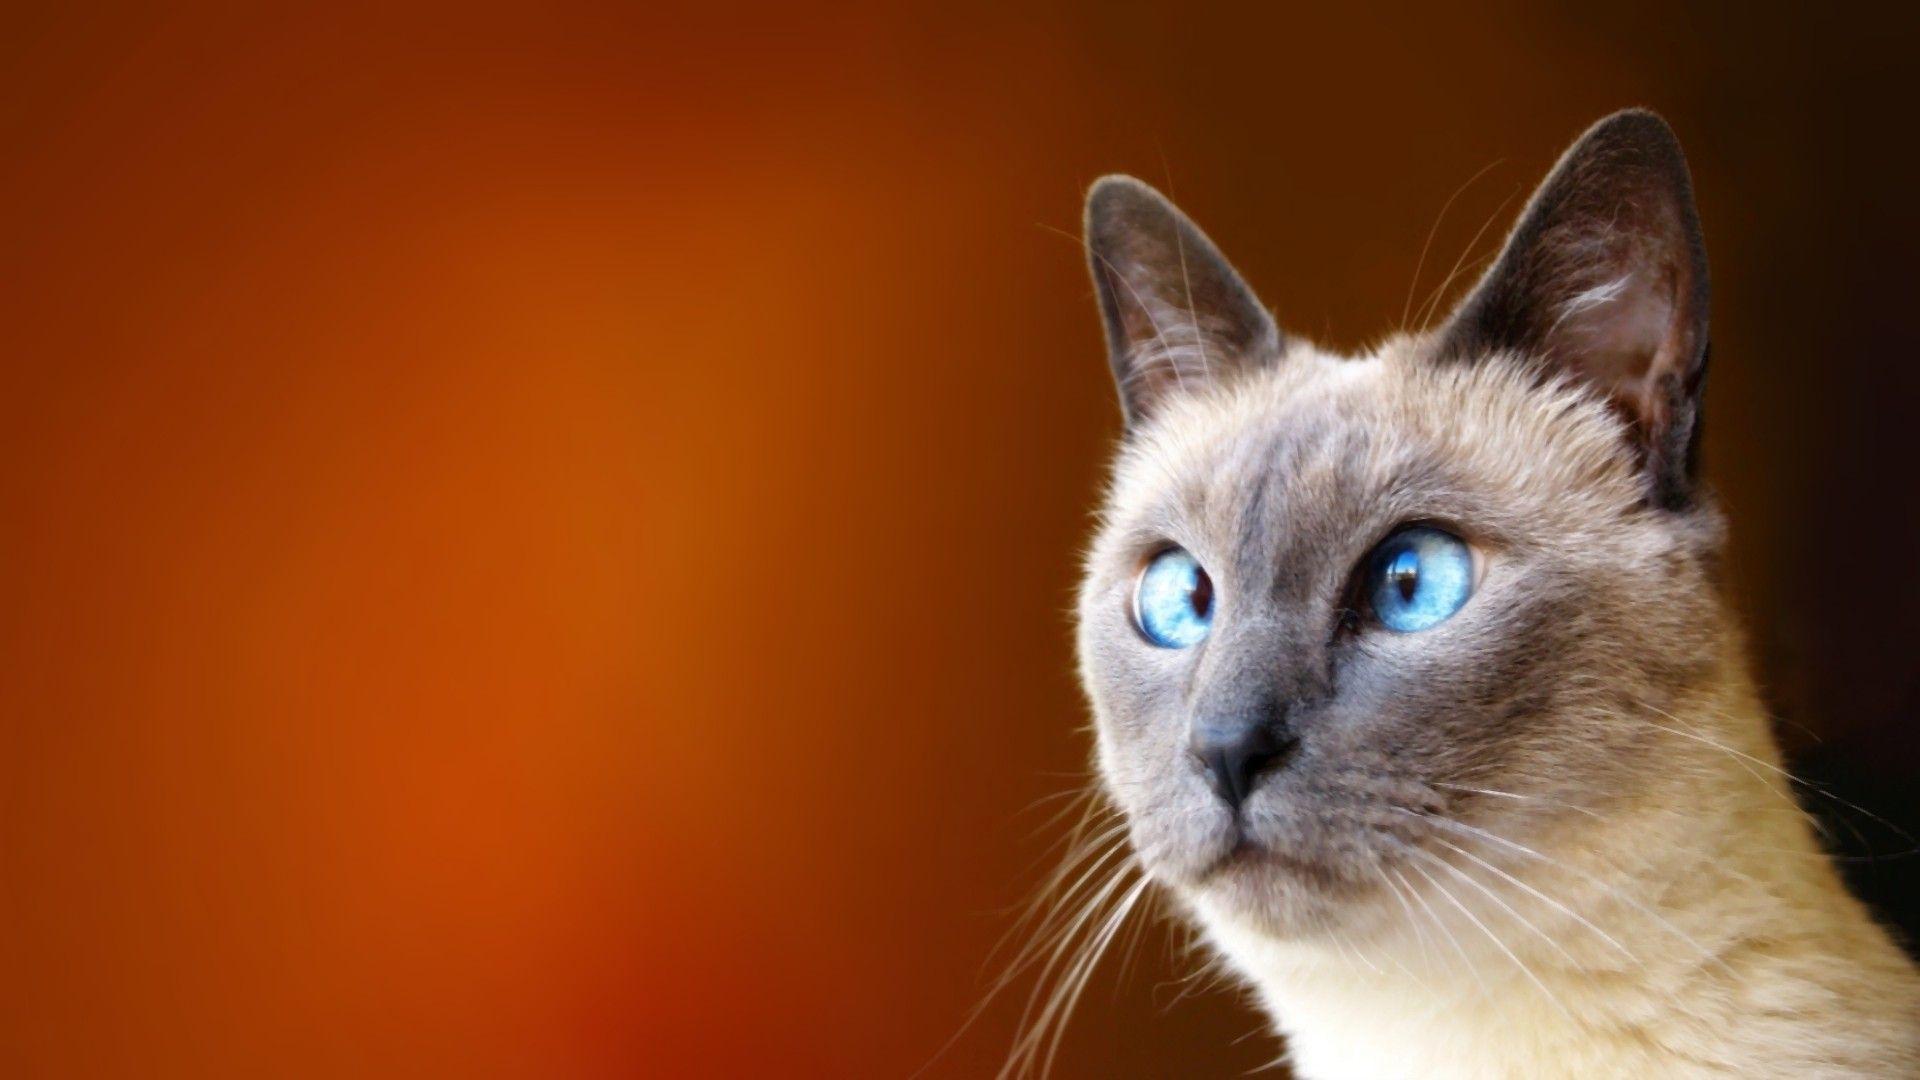 Cross Eyed Cat Funny Wallpaper (1329) at Wallpaper desktop